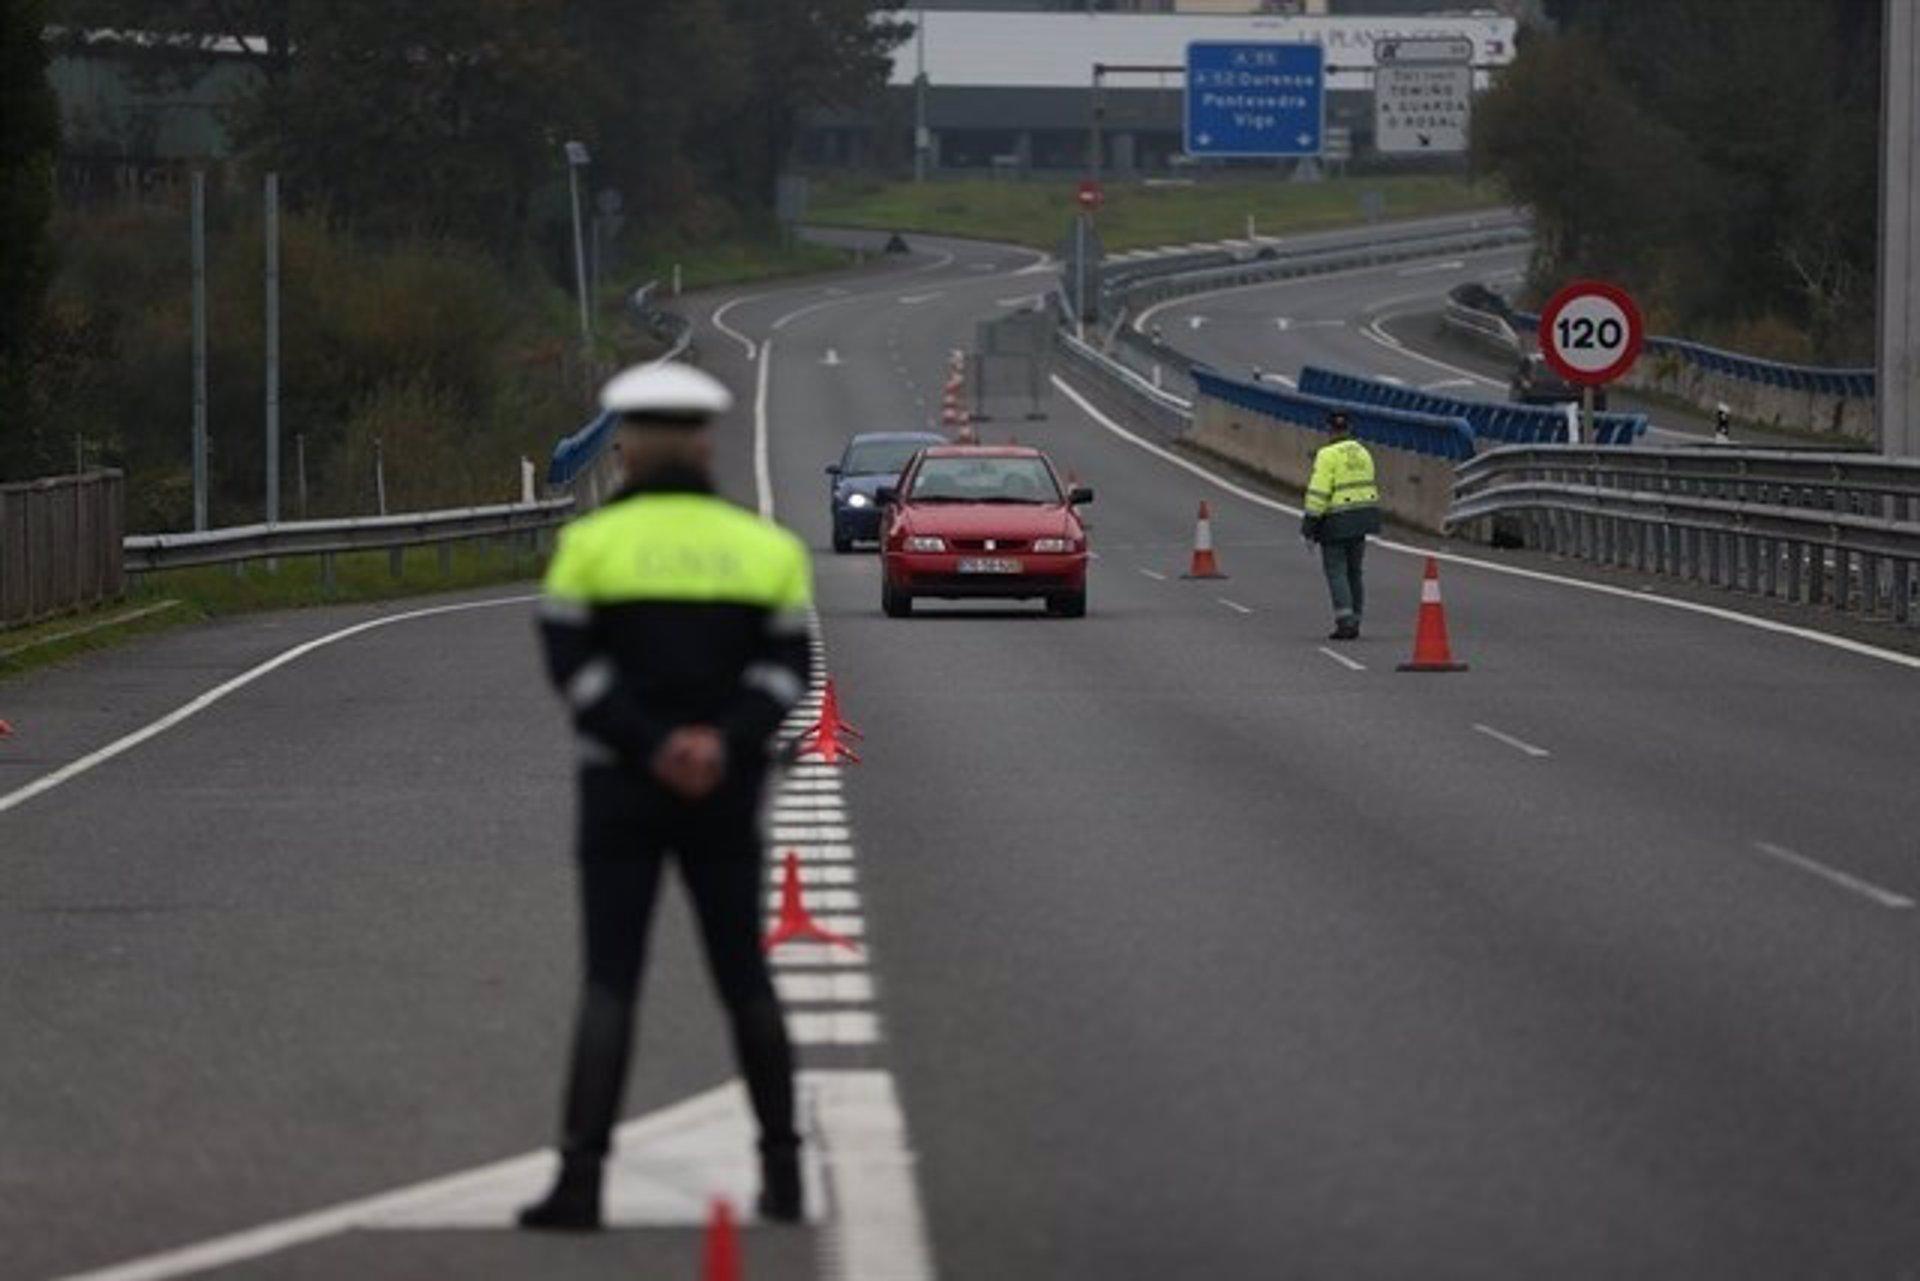 La DGT intensificará durante esta semana los controles de vigilancia sobre velocidad en vehículos